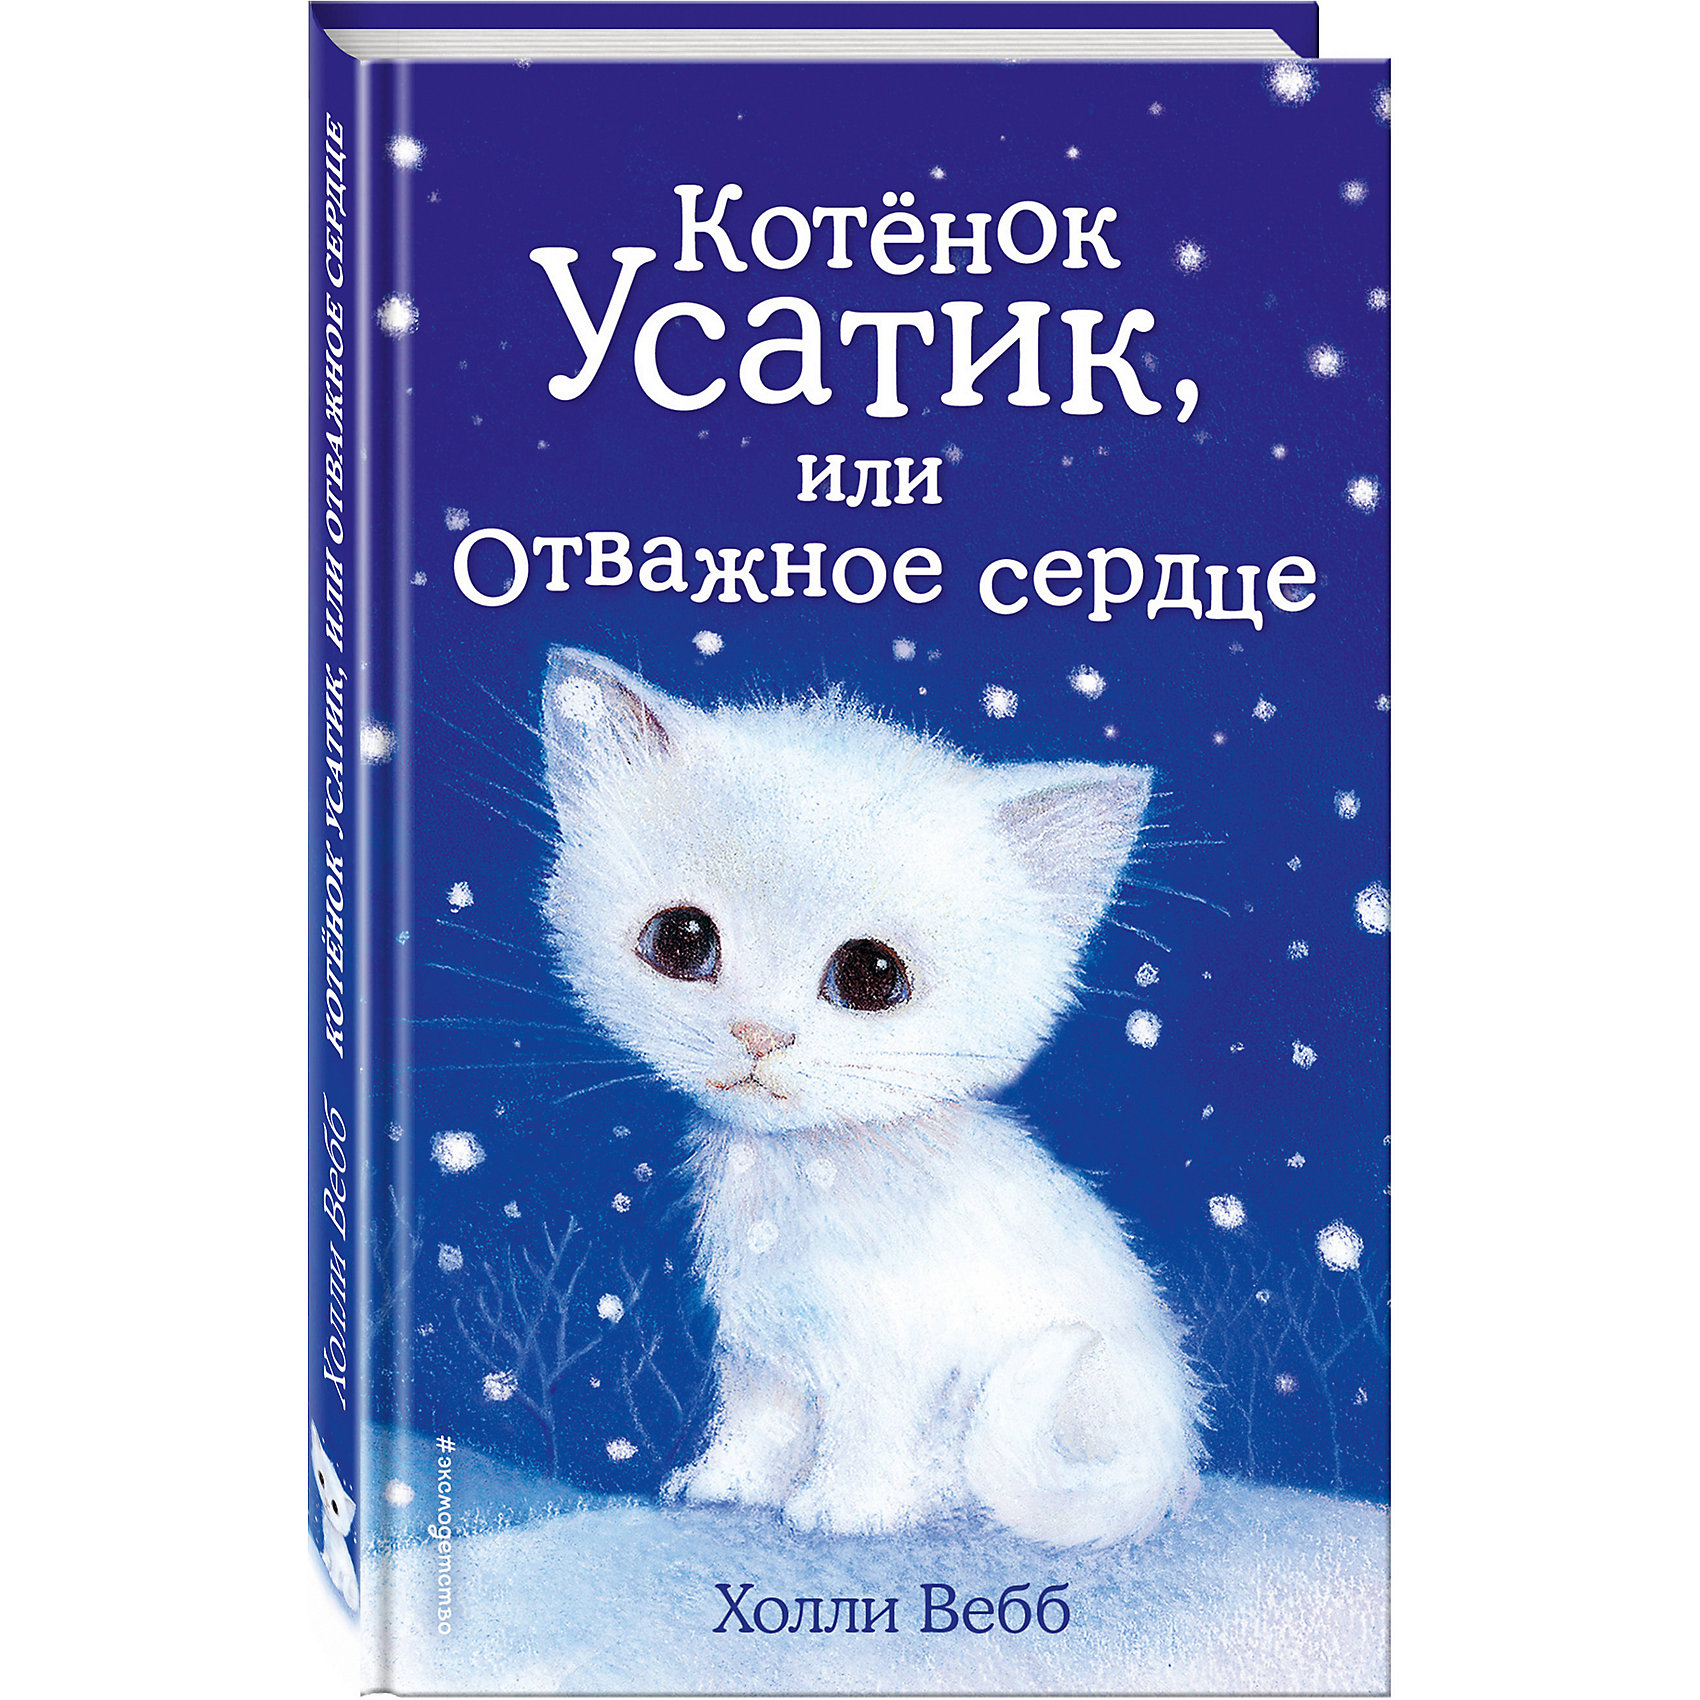 Котёнок Усатик, или Отважное сердцеРассказы и повести<br>Усатик был самым маленьким и робким из котят. Он опасался громких звуков и незнакомых людей и предпочитал отсиживаться в коробке, пока остальные котята храбро исследовали огромный новый мир. Хозяйка, девочка Эмили, беспокоилась, захочет ли кто-нибудь взять к себе домой такого пугливого и неласкового котёнка. Но подруга Эмили, Мия, оказалась достаточно терпеливой и доброй, чтобы завоевать дружбу Усатика. Мия приходила поиграть с Усатиком почти каждый день , но почему-то никак не забирала его к себе домой. <br>Котёнок встревожился – неужели на самом деле Мия его не любит? И что ему нужно сделать, чтобы девочка стала наконец его хозяйкой?<br><br>Дополнительная информация:<br><br>- Автор: Вебб Холли.<br>- Художник: Вильямс Софи.<br>- Переводчик: Олейникова Е. В.<br>- Формат: 20,8х13,3 см.<br>- Переплет: твердый.<br>- Количество страниц: 144. <br>- Иллюстрации: черно-белые.<br><br>Книгу Котёнок Усатик, или Отважное сердце можно купить в нашем магазине.<br><br>Ширина мм: 200<br>Глубина мм: 125<br>Высота мм: 13<br>Вес г: 238<br>Возраст от месяцев: 72<br>Возраст до месяцев: 84<br>Пол: Унисекс<br>Возраст: Детский<br>SKU: 4414987